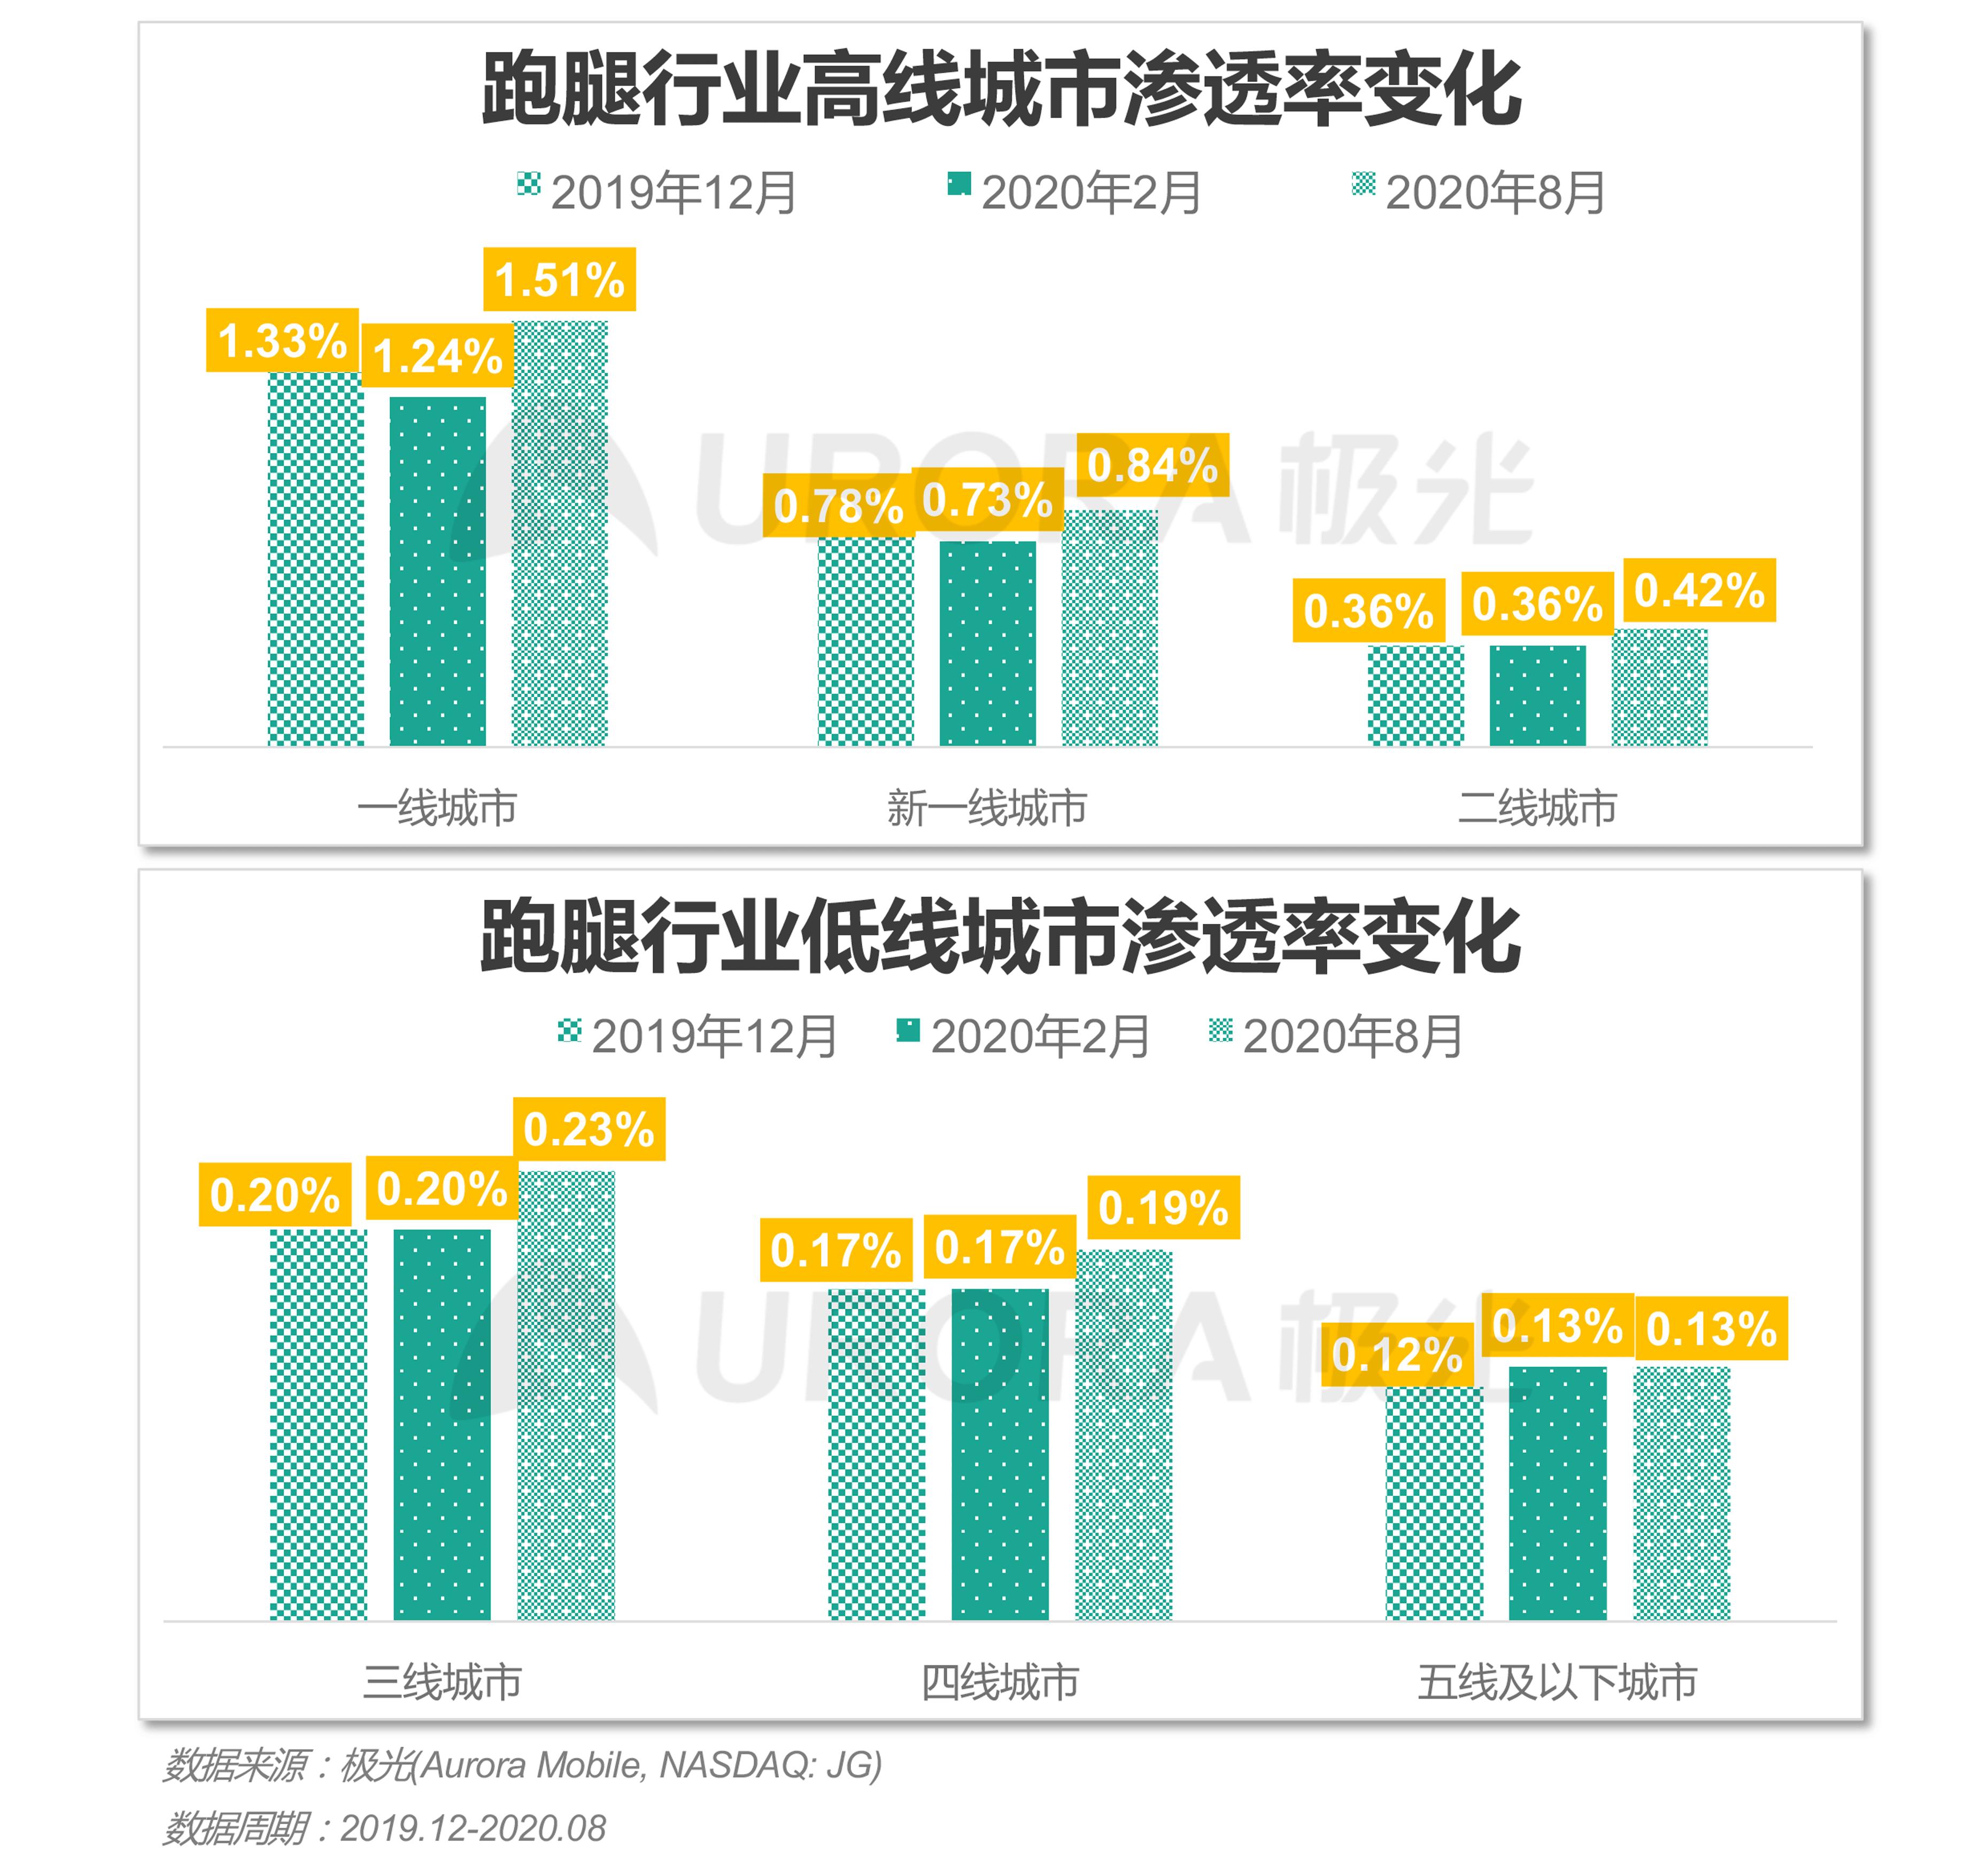 极光:2020年疫情后跑腿行业研究报告 (9).png